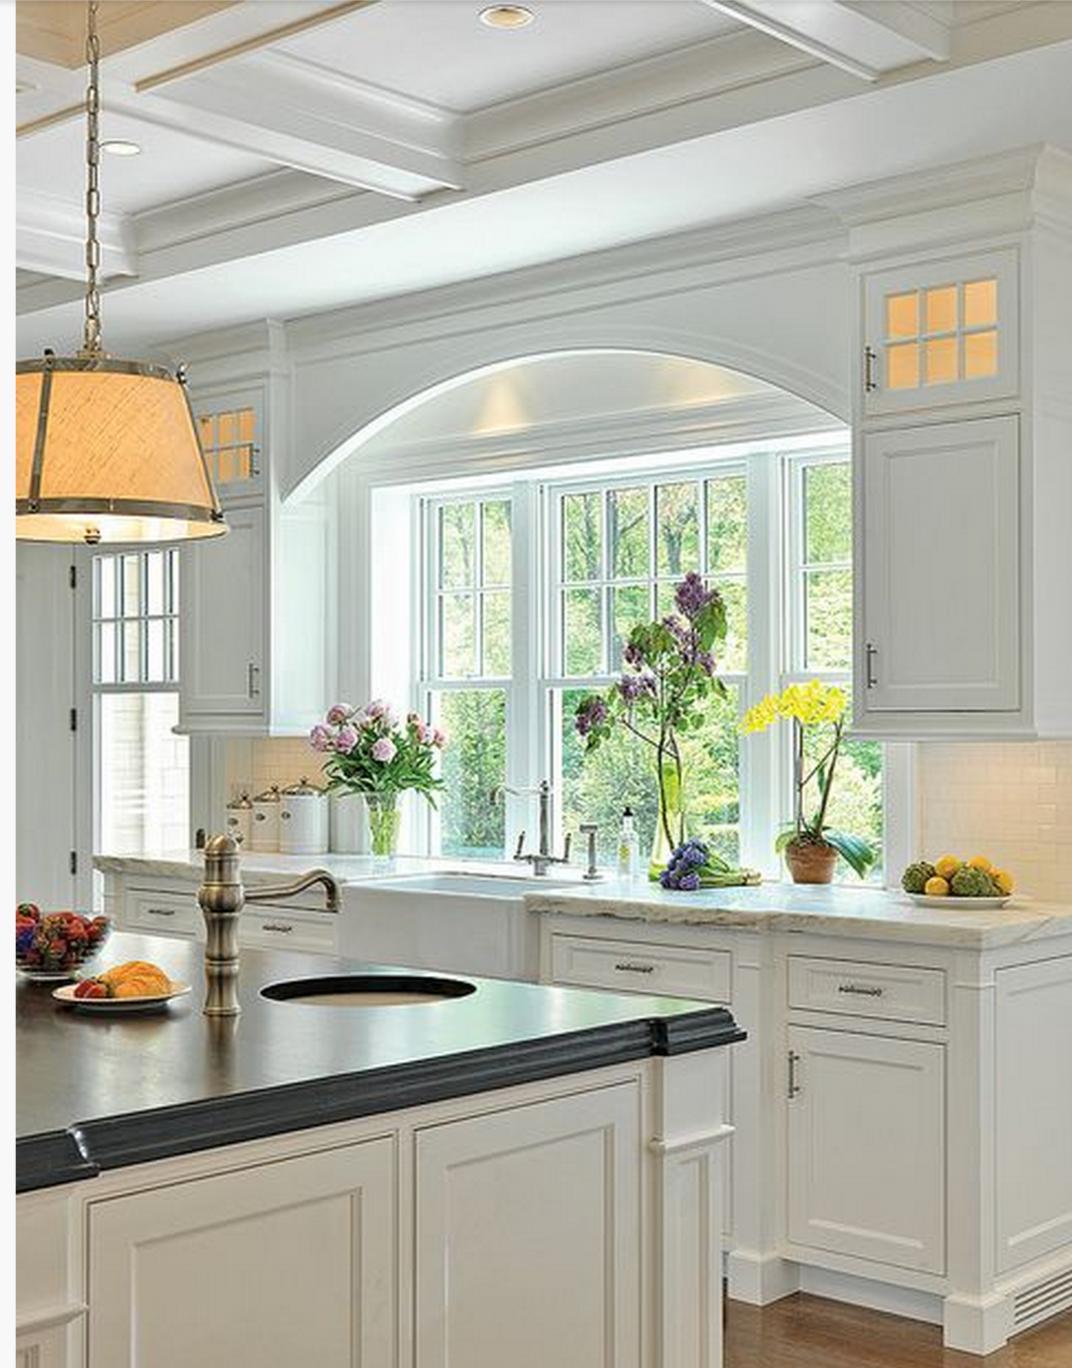 My Kitchen Remodel Windows Flush With Counter Kitchen Window Design Farmhouse Sink Kitchen Kitchen Remodel